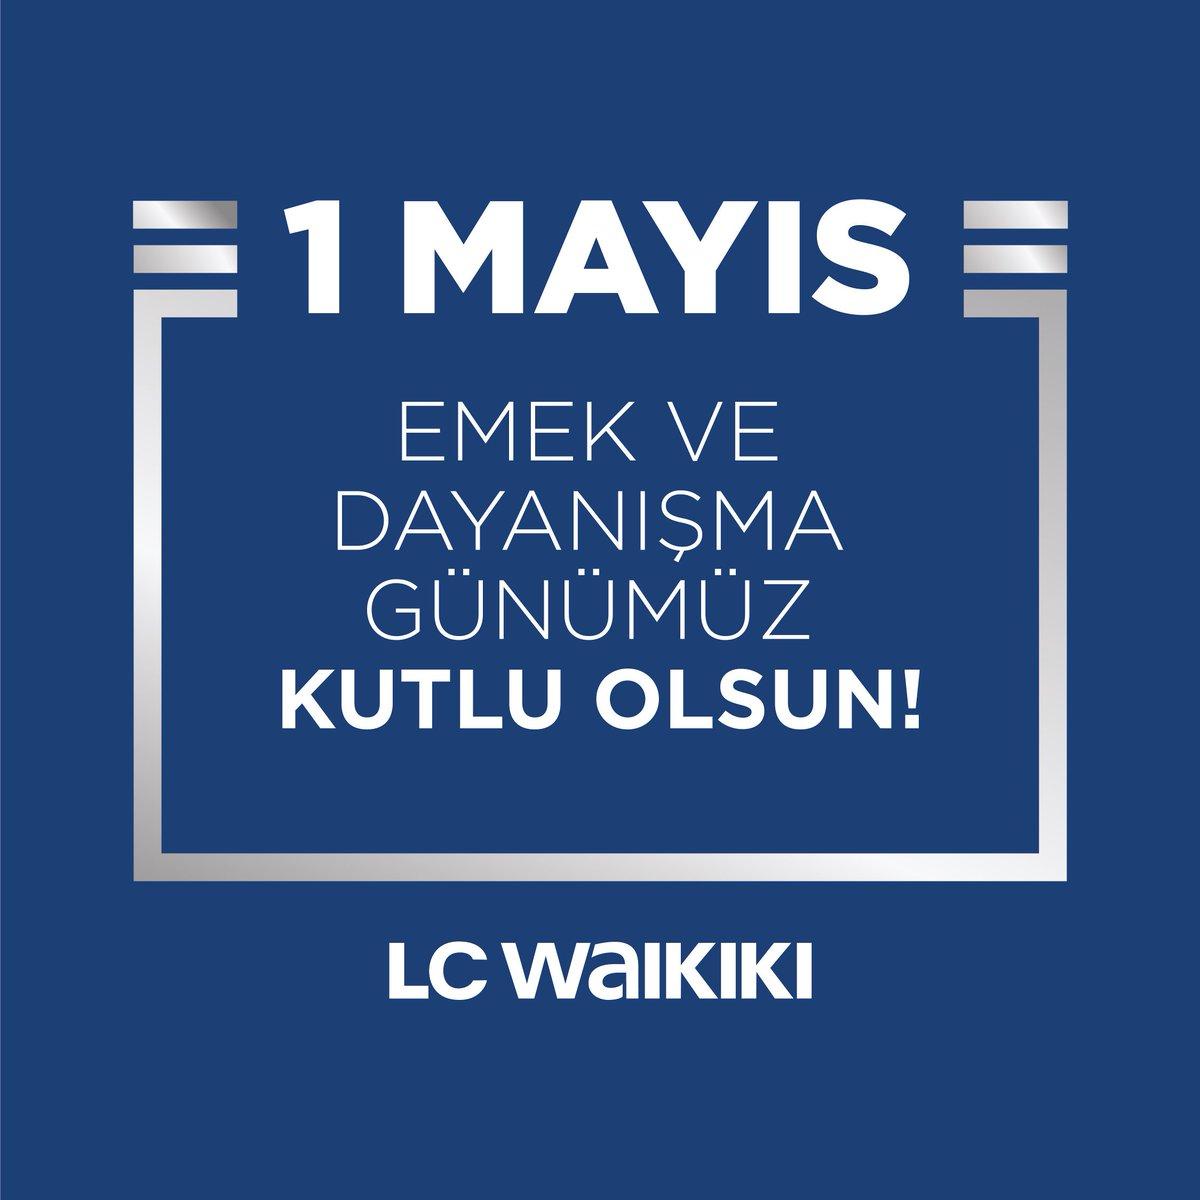 Emeği ve alın teriyle ekonomik kalkınmayı ve toplumsal refahı inşa eden tüm çalışanların, 1 Mayıs Emek ve Dayanışma Gününü yürekten kutluyoruz. #1MAYIS #lcwaikiki https://t.co/5LfNGpU2e5